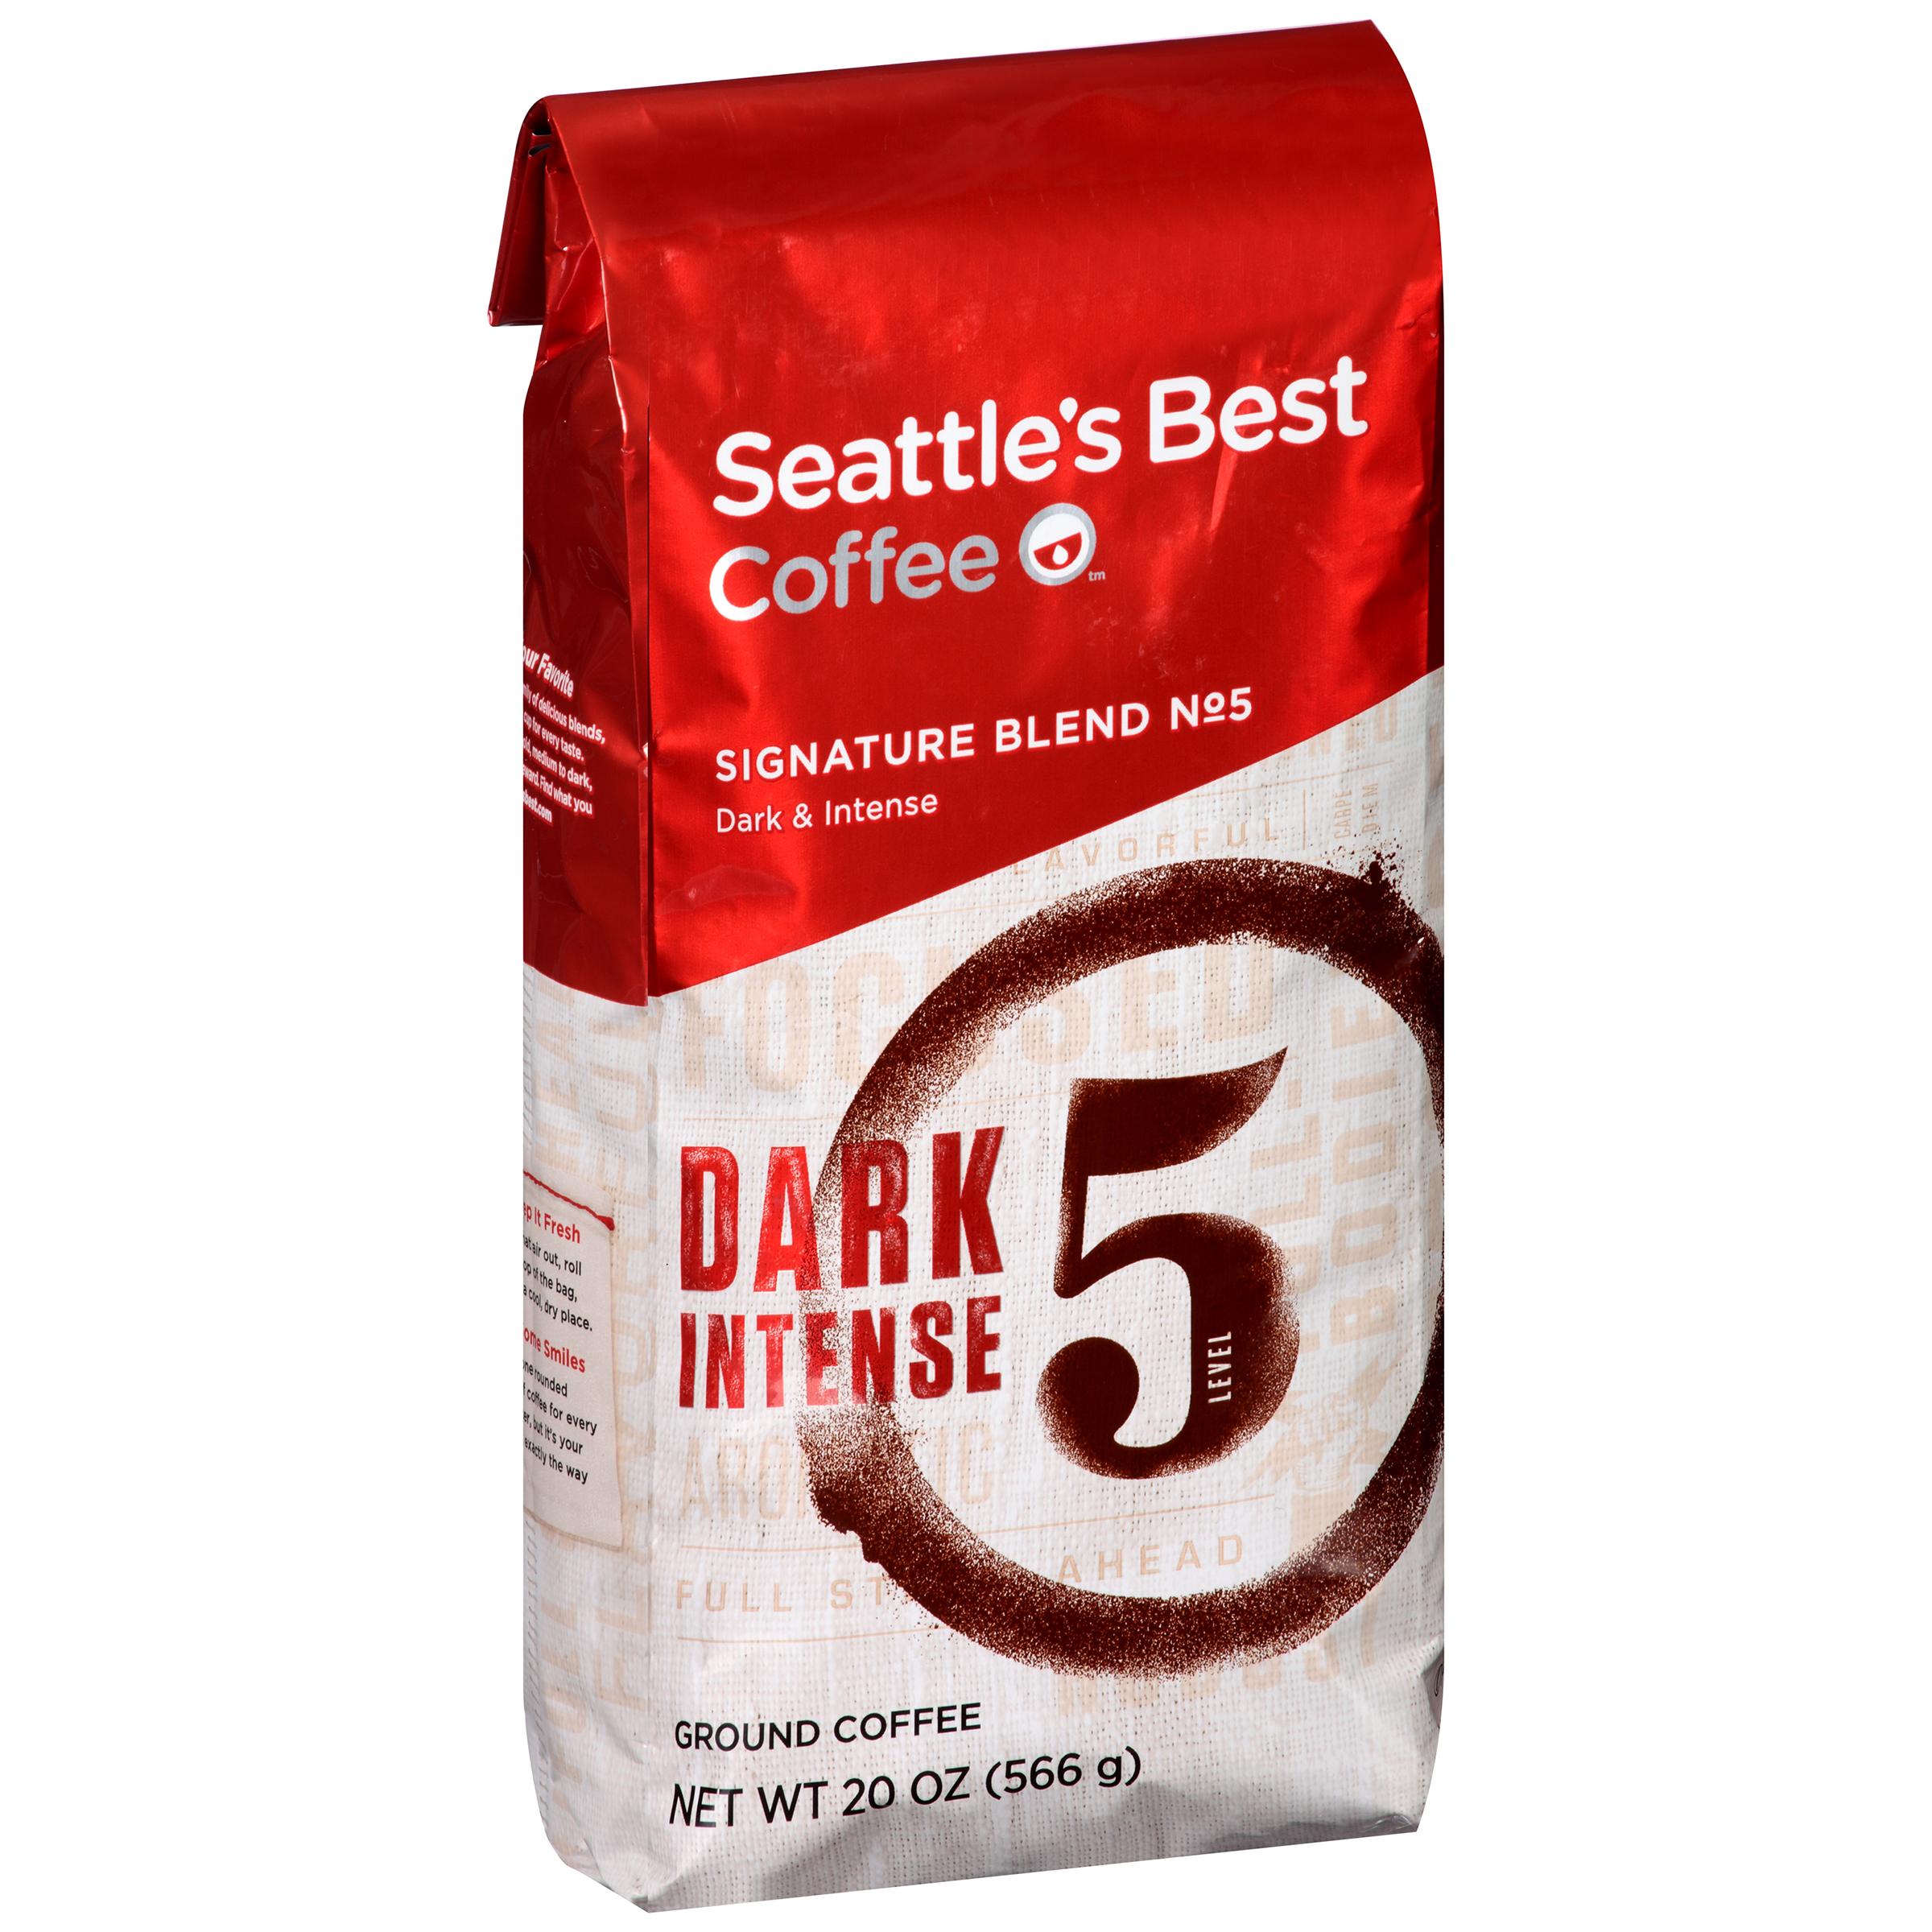 Seattle's Best Coffee��� Signature Blend No. 5 Dark & Intense Ground Coffee 20 oz. Bag